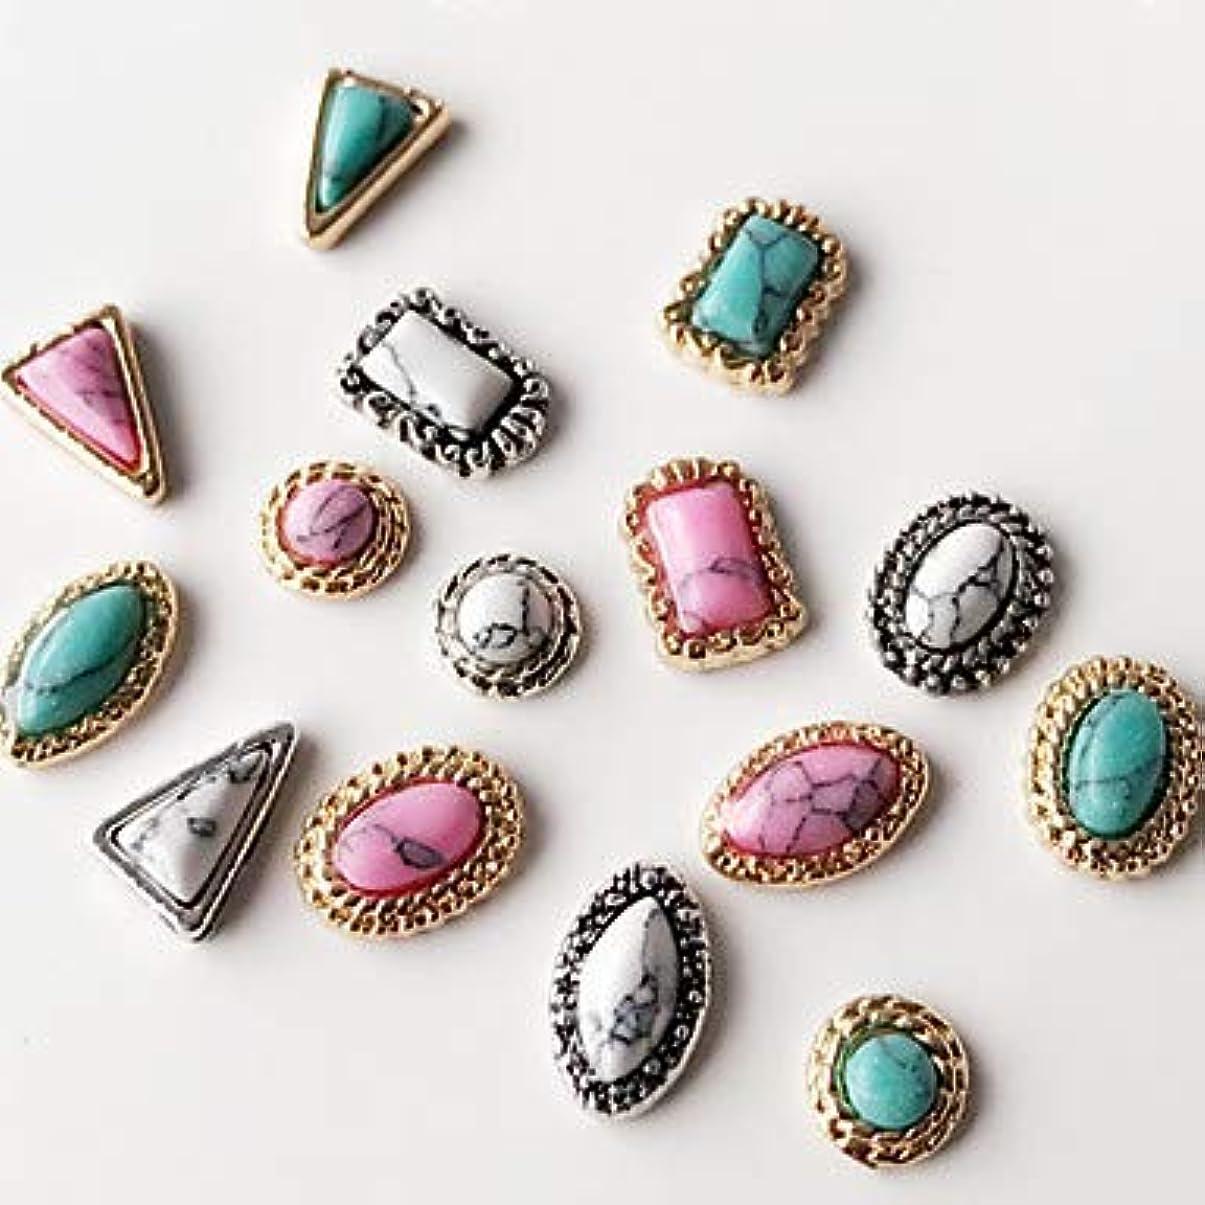 検索エンジンマーケティングのぞき見スペア10個混合スタイル混合色古代の宝石ネイルアートの装飾に戻ります